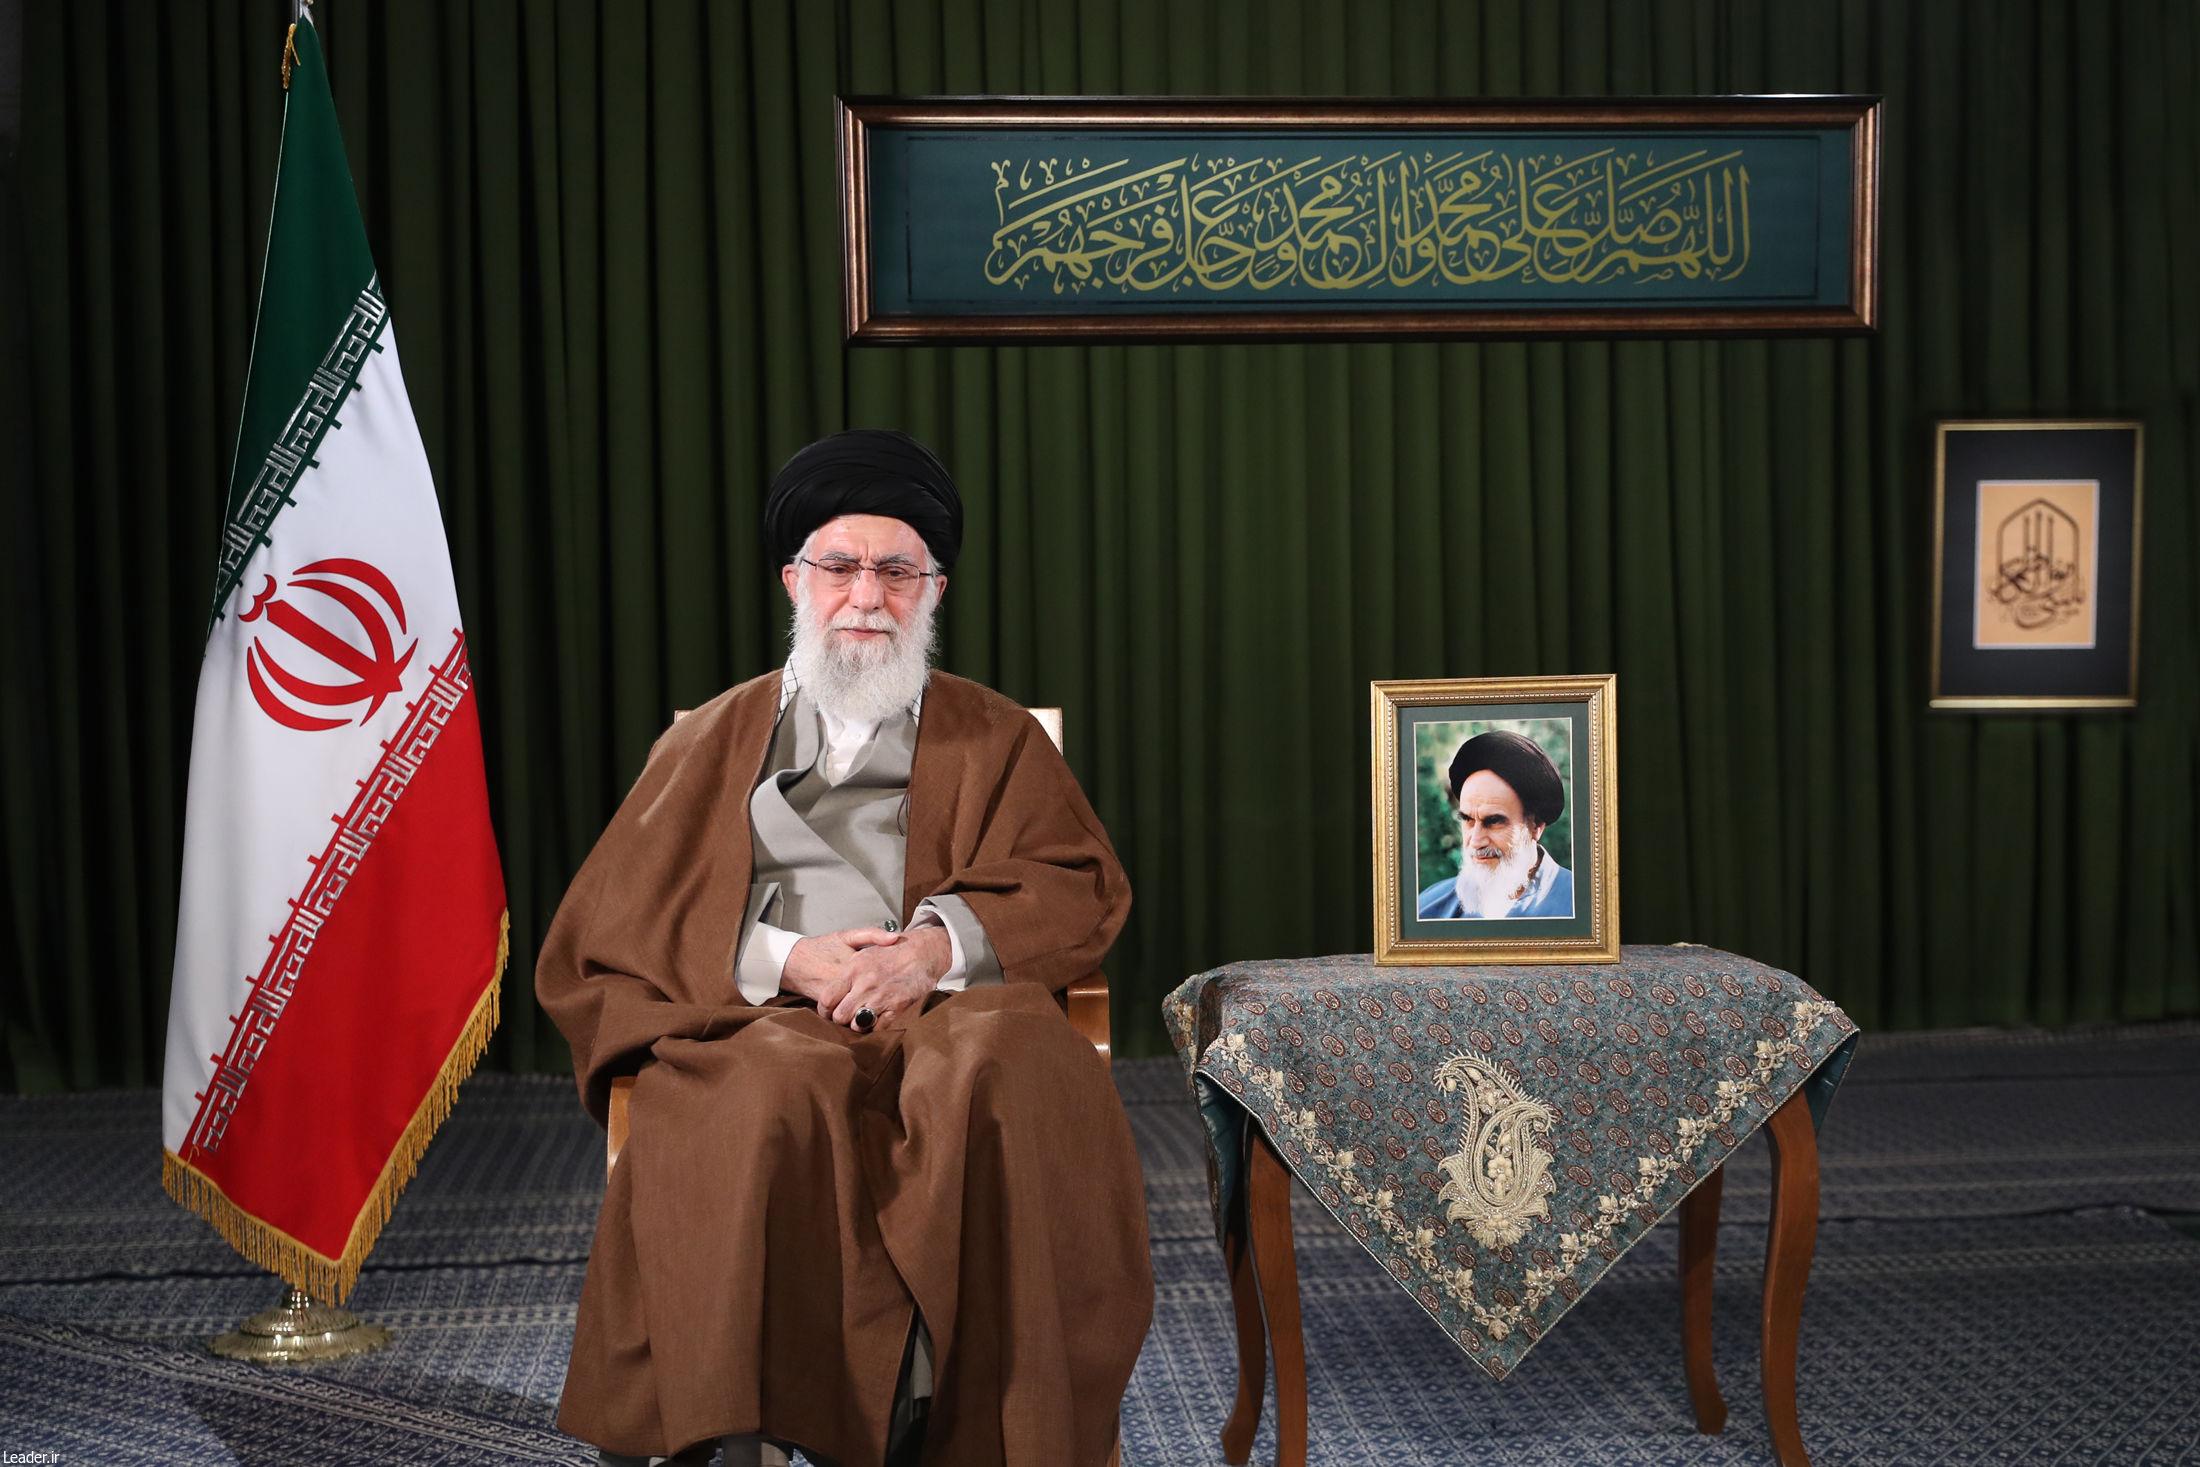 سخنرانی مقام معظم رهبری به مناسبت فرارسیدن سال نو و عید مبعث آغاز شد